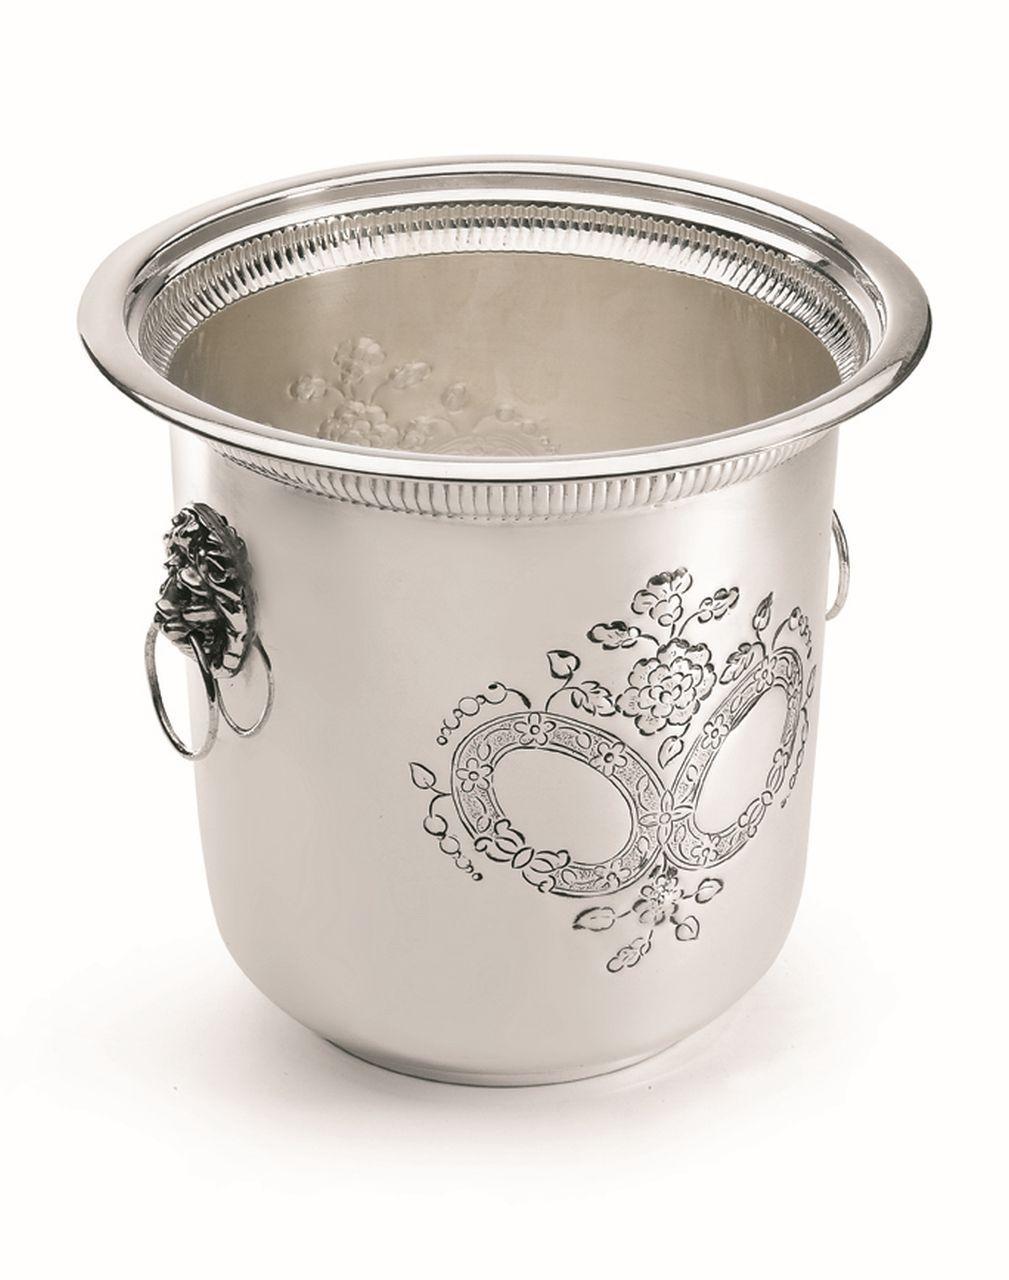 Secchiello champagne stile inciso argentato argento sheffield cm.22h diam.24